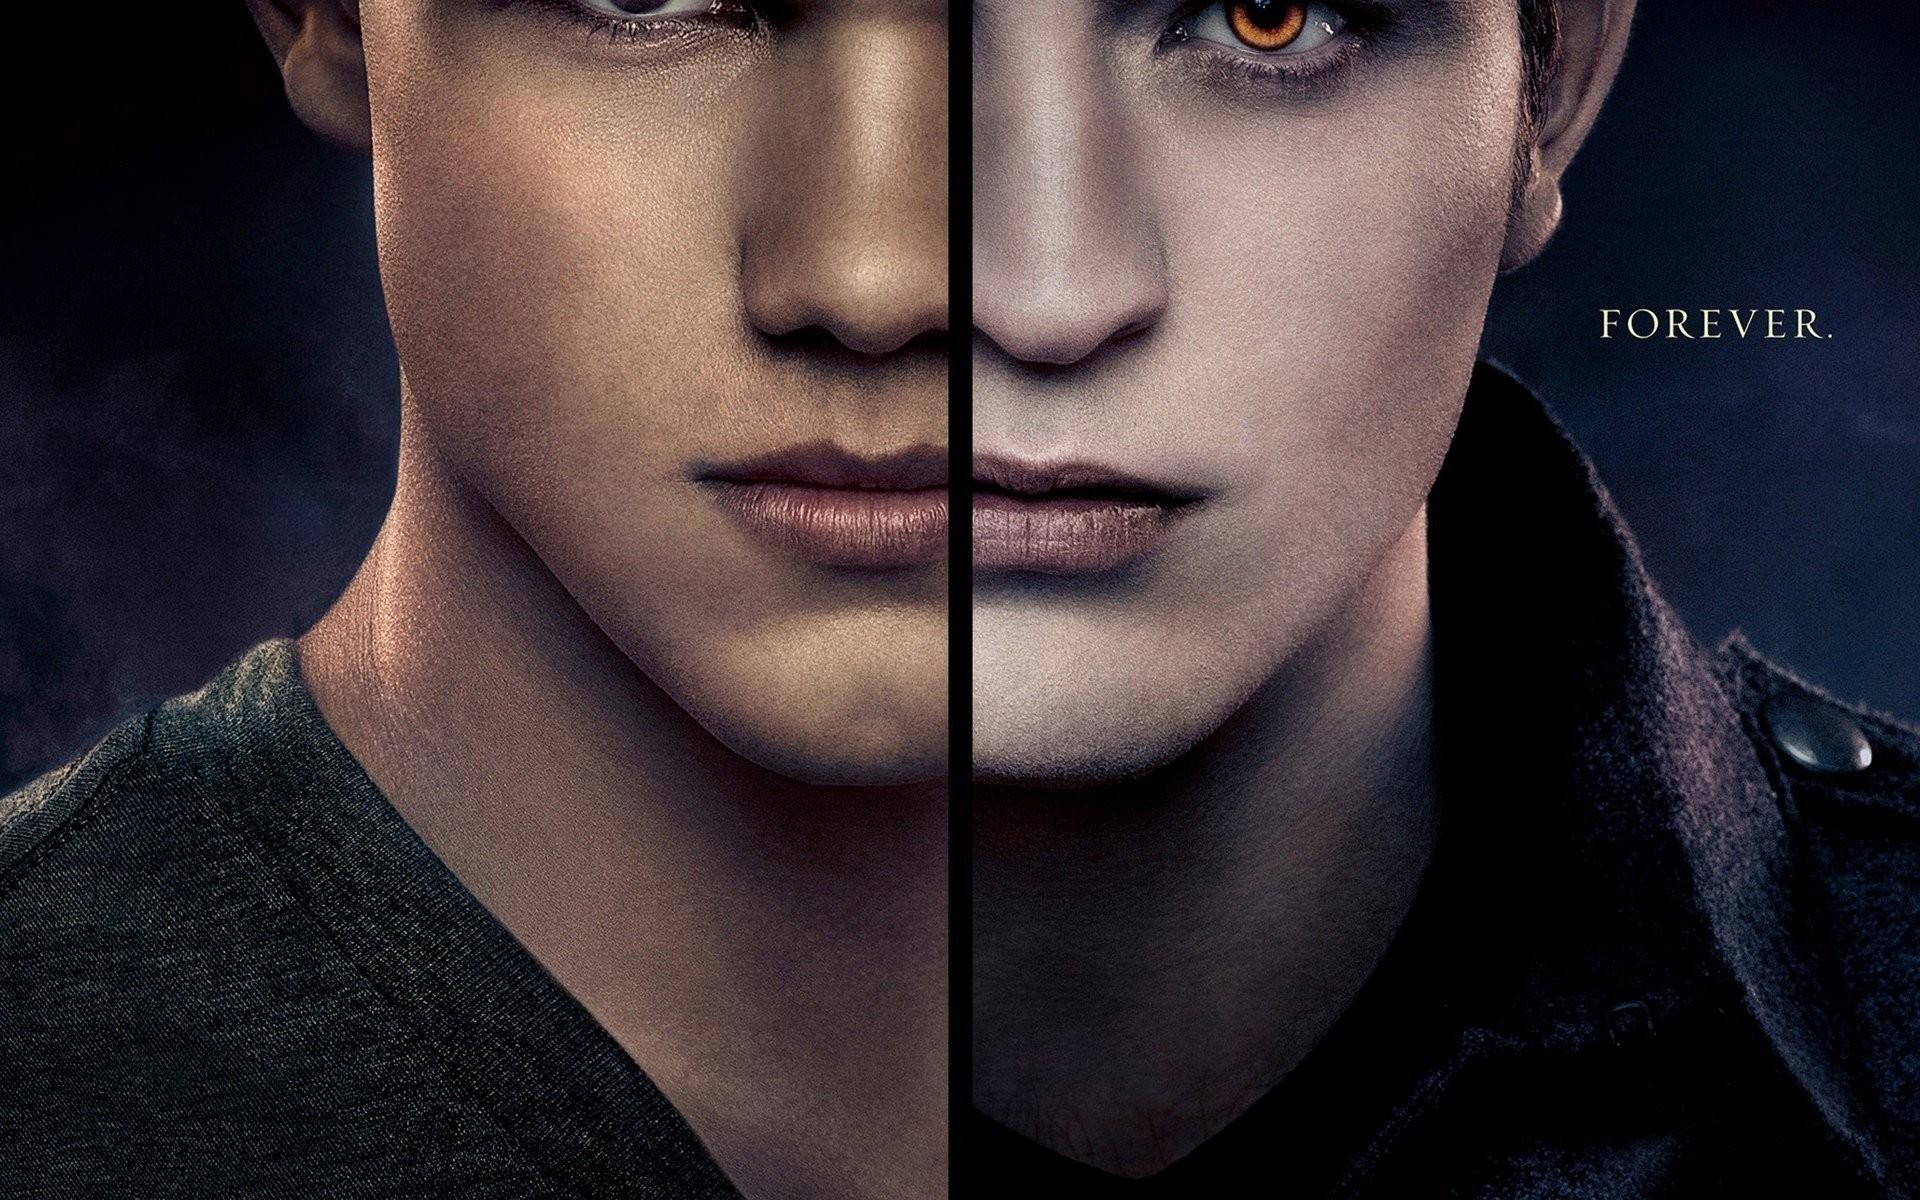 Edward Cullen Wallpaper ·① Vampire Twilight 5